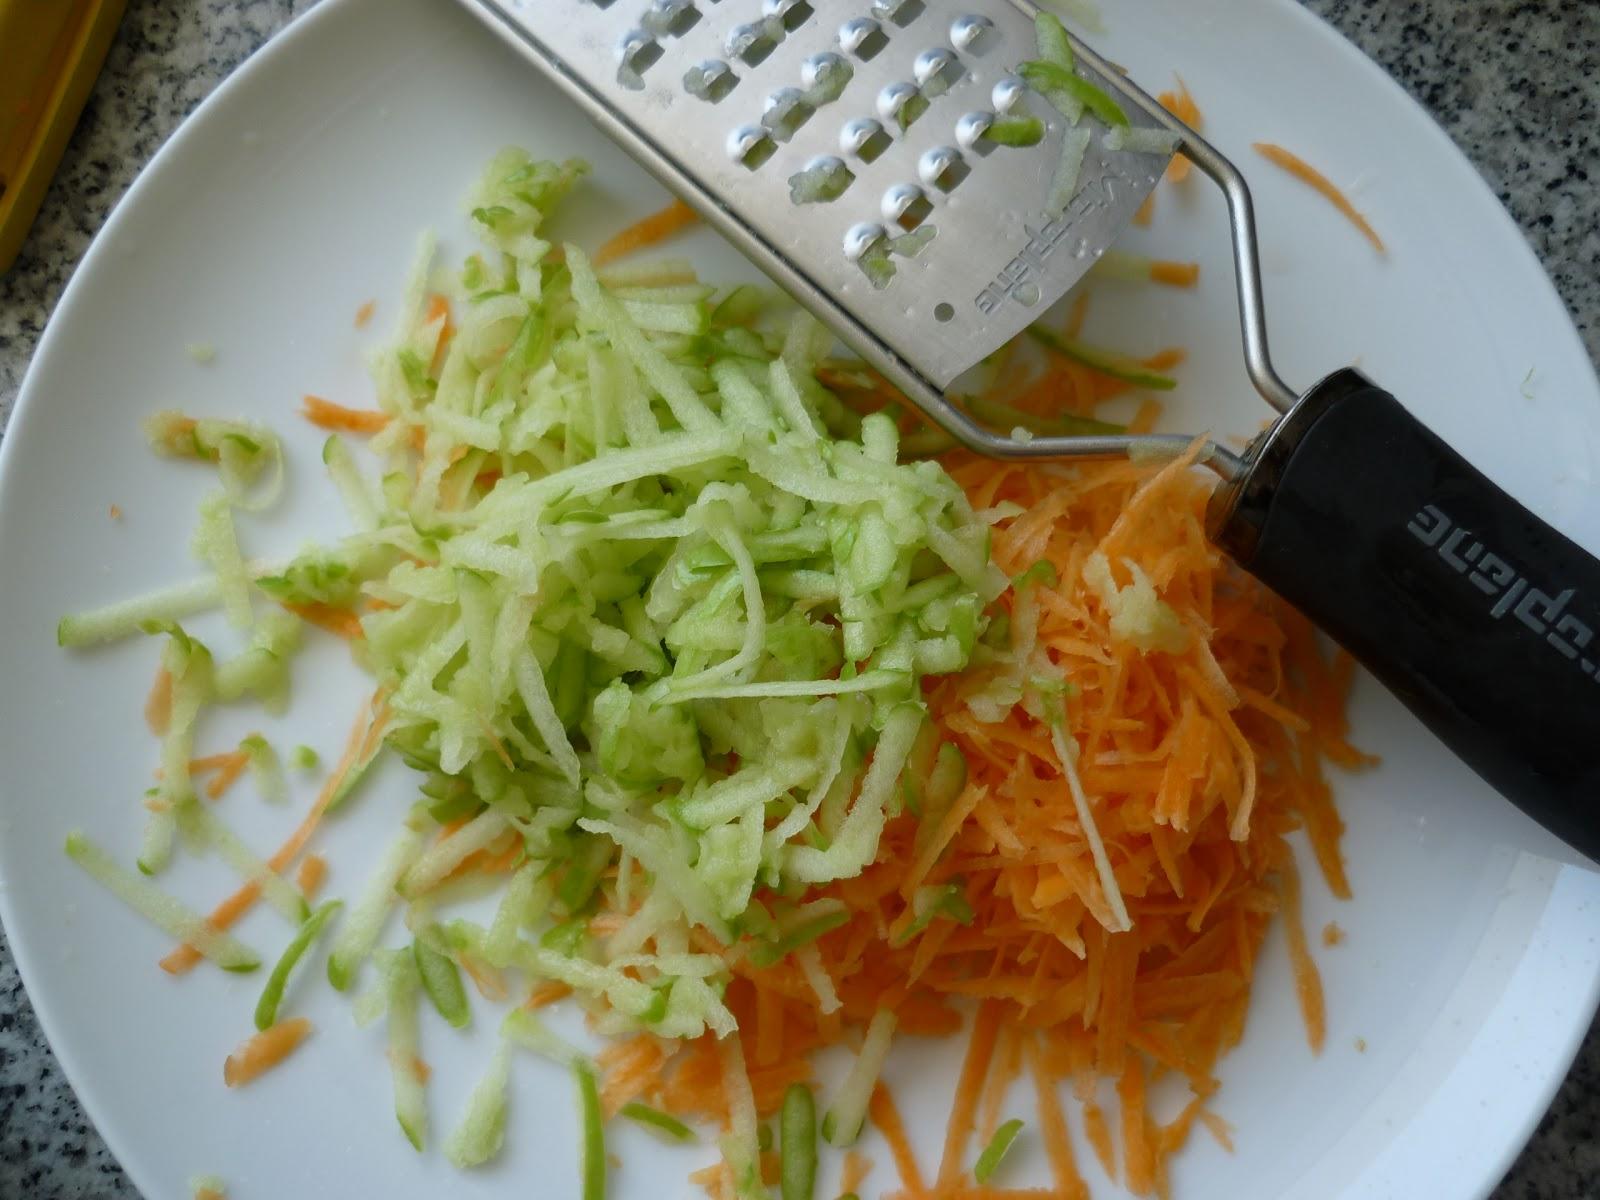 Ensalada de Zanahoria + Manzana Verde + Hojitas de Espinacas + Semillas Girasol - 02